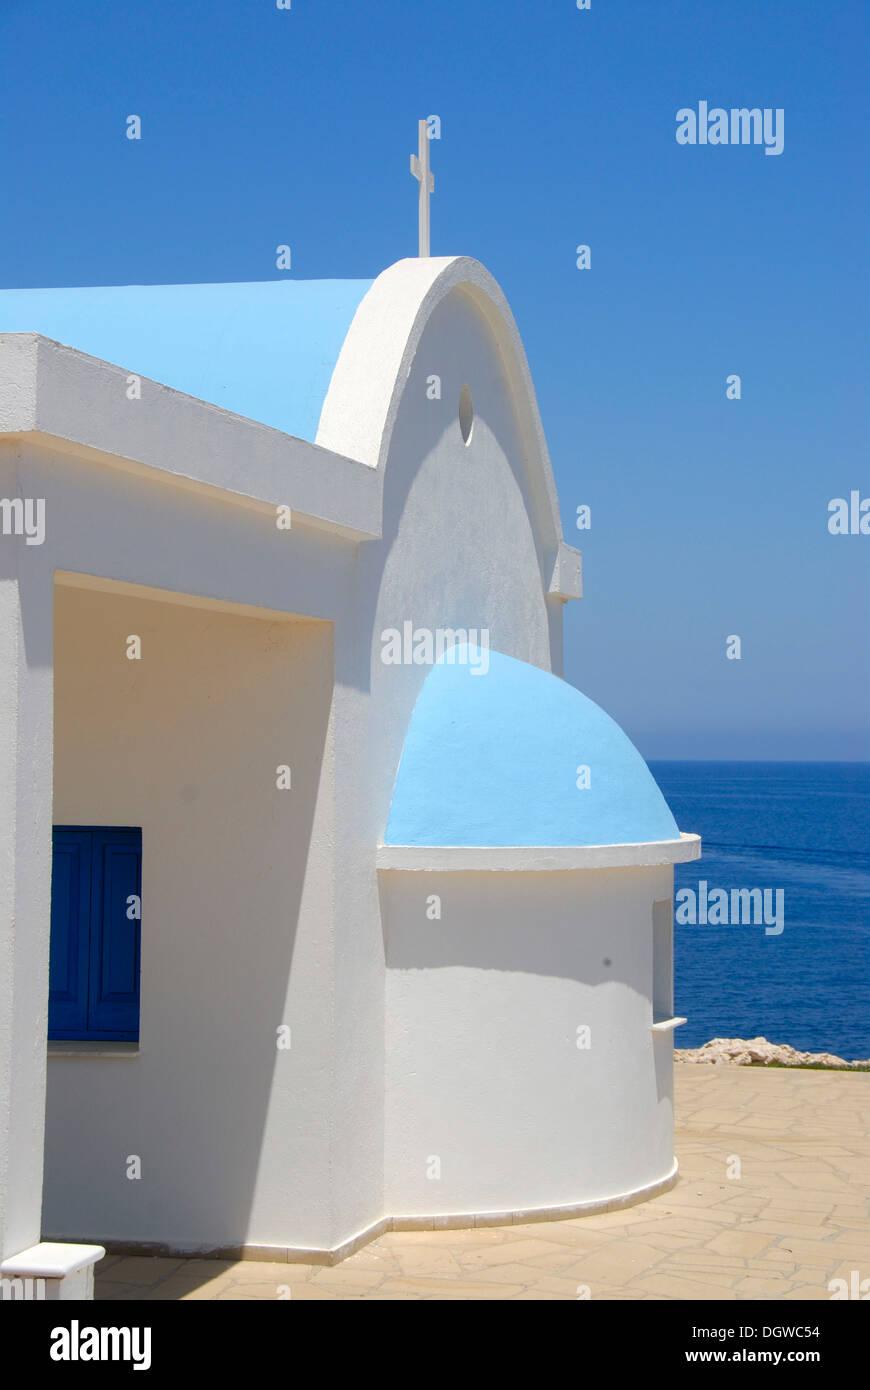 Greco il cristianesimo ortodosso, Chiesa di Ayioi Anargyri, Agioi Anargyroi, cappella, mare blu Cape Greco, vicino a Ayia Napa Immagini Stock